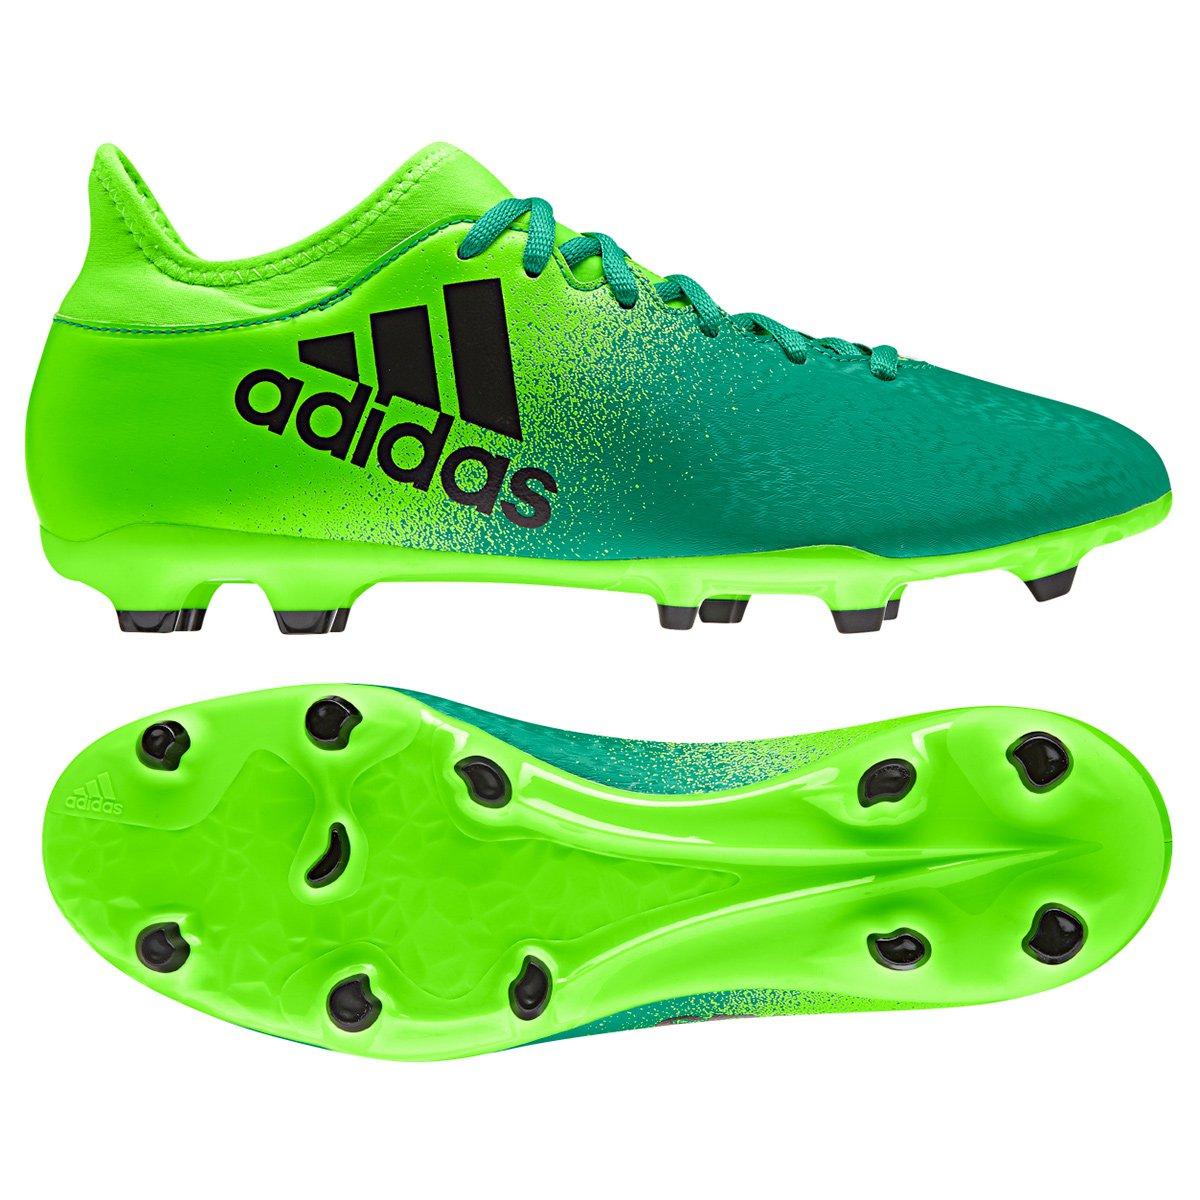 Chuteira Campo Adidas X 16.3 FG - Compre Agora  b4e1949173c79